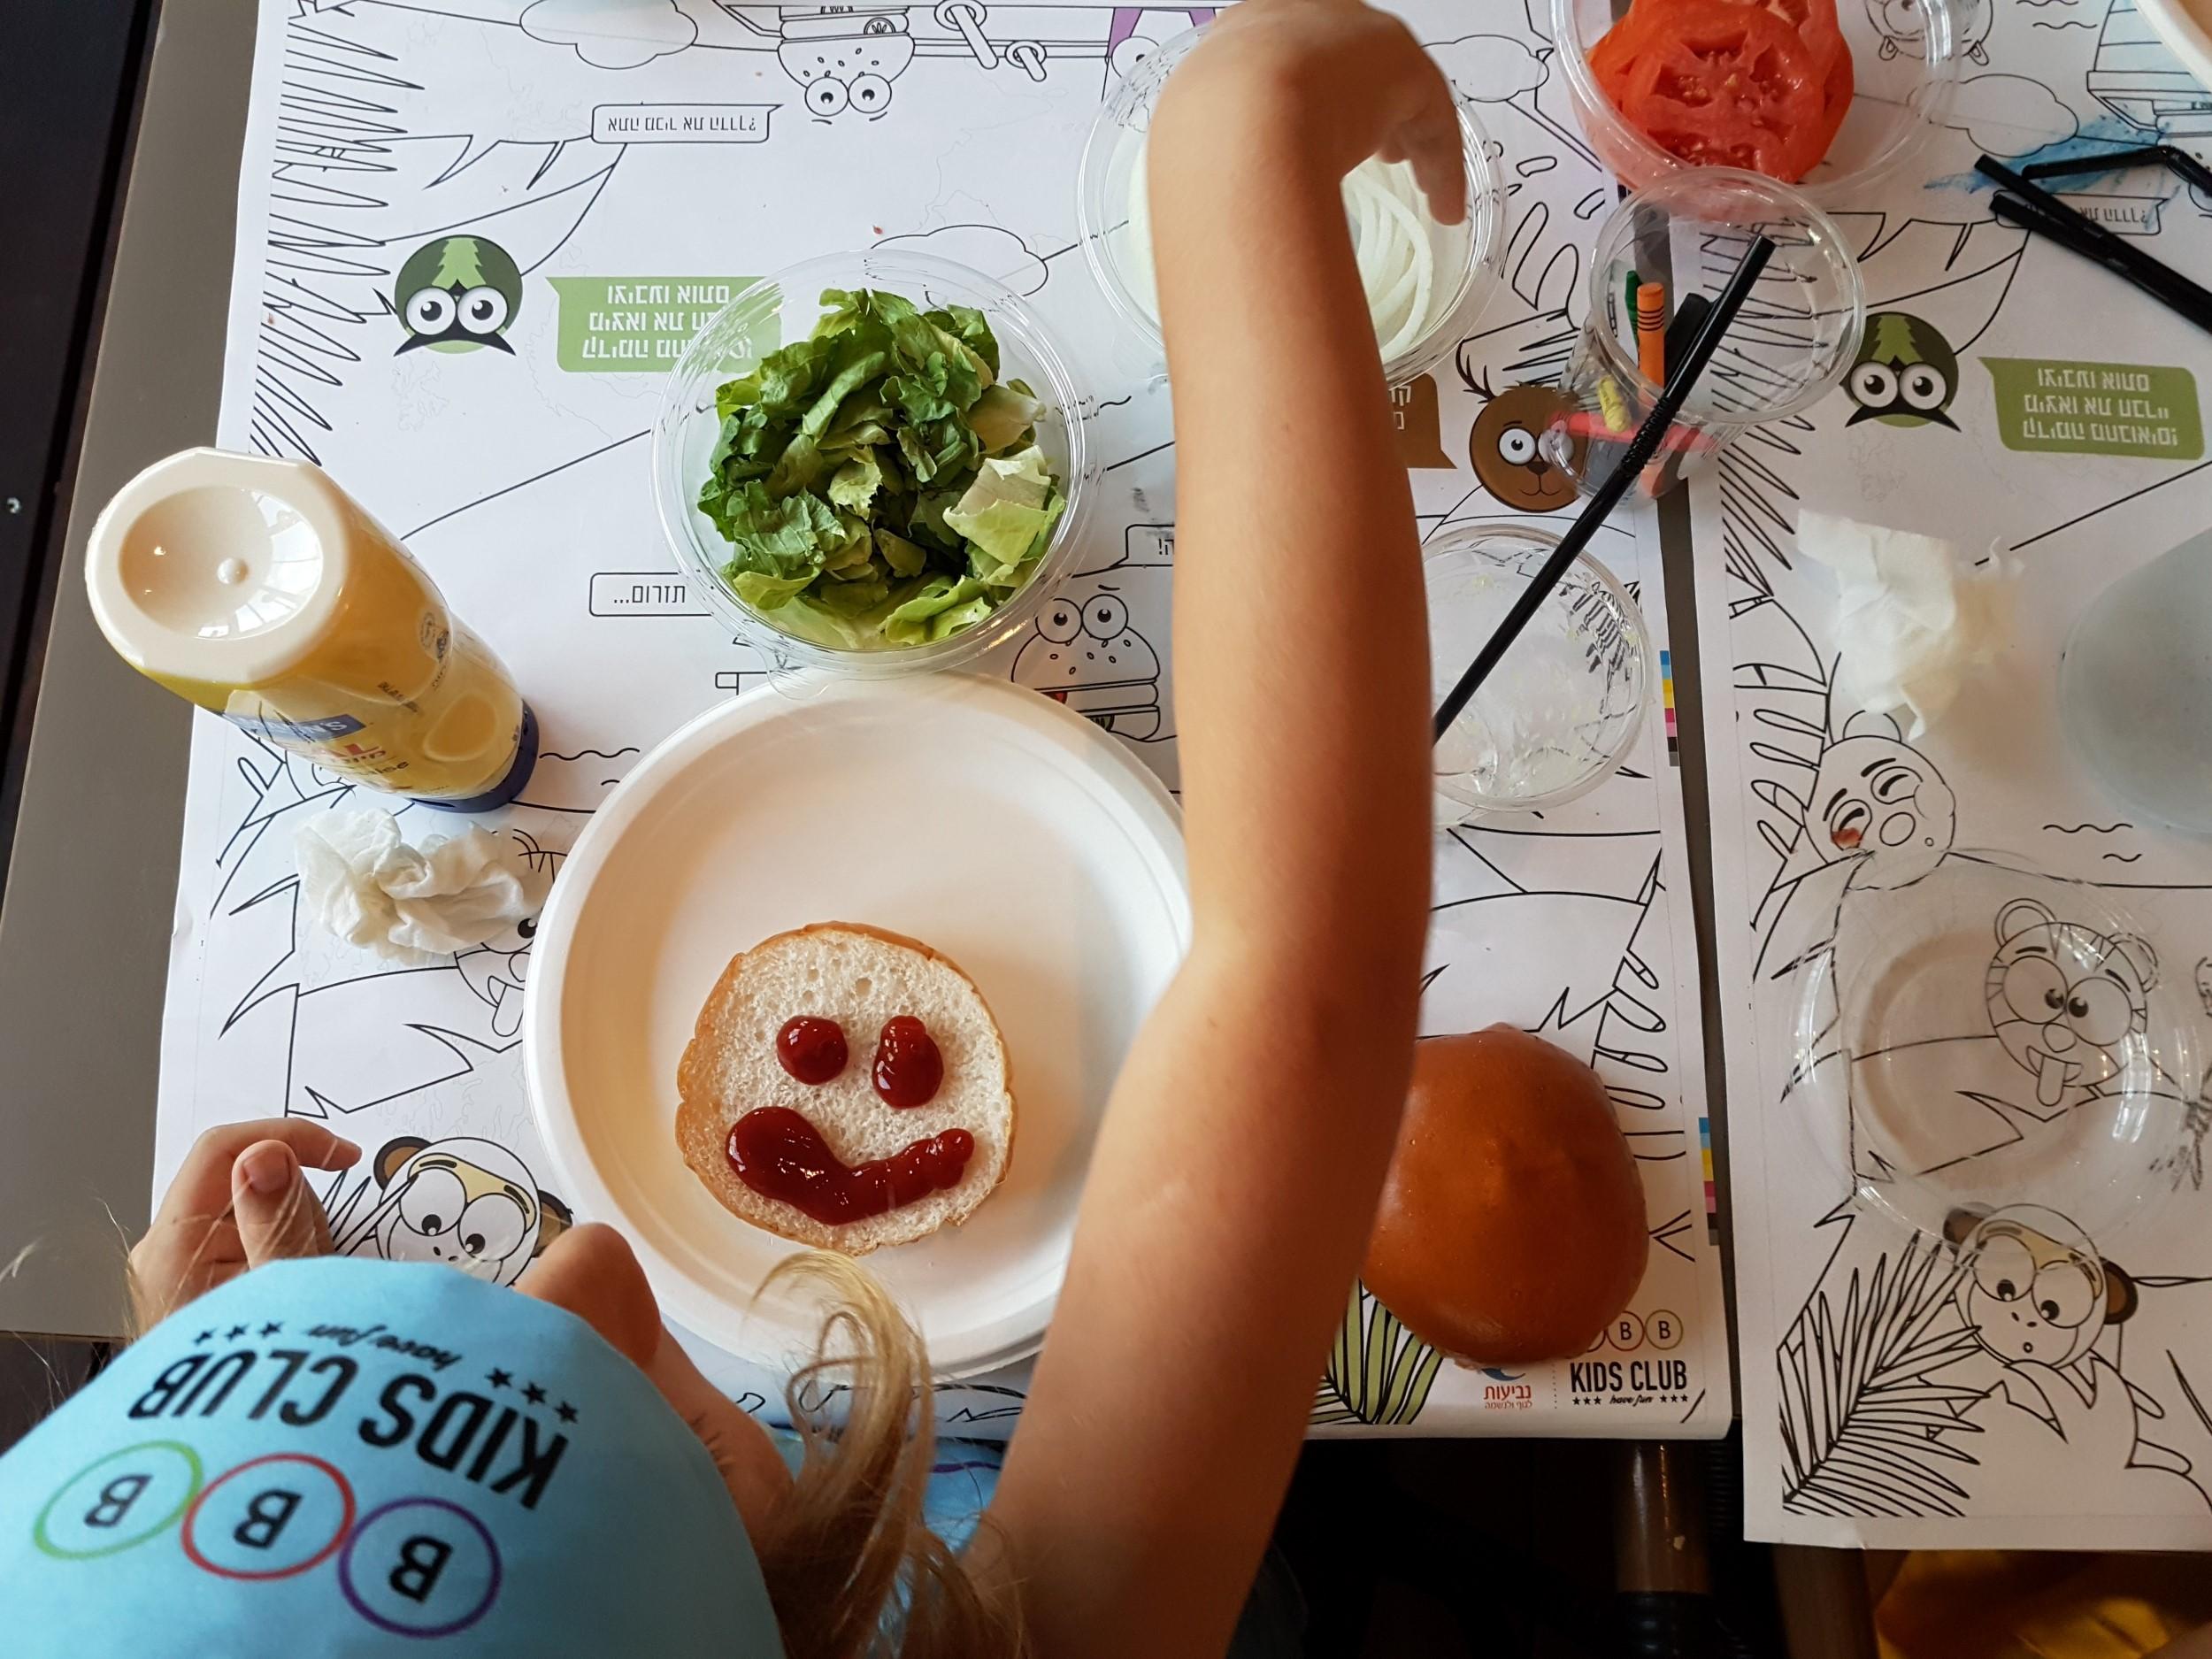 סדנאות שף מבית BBB לילדים בחופש הגדול  – כל הרווחים מהסדנה הינם קודש לעמותת גדולים מהחיים !